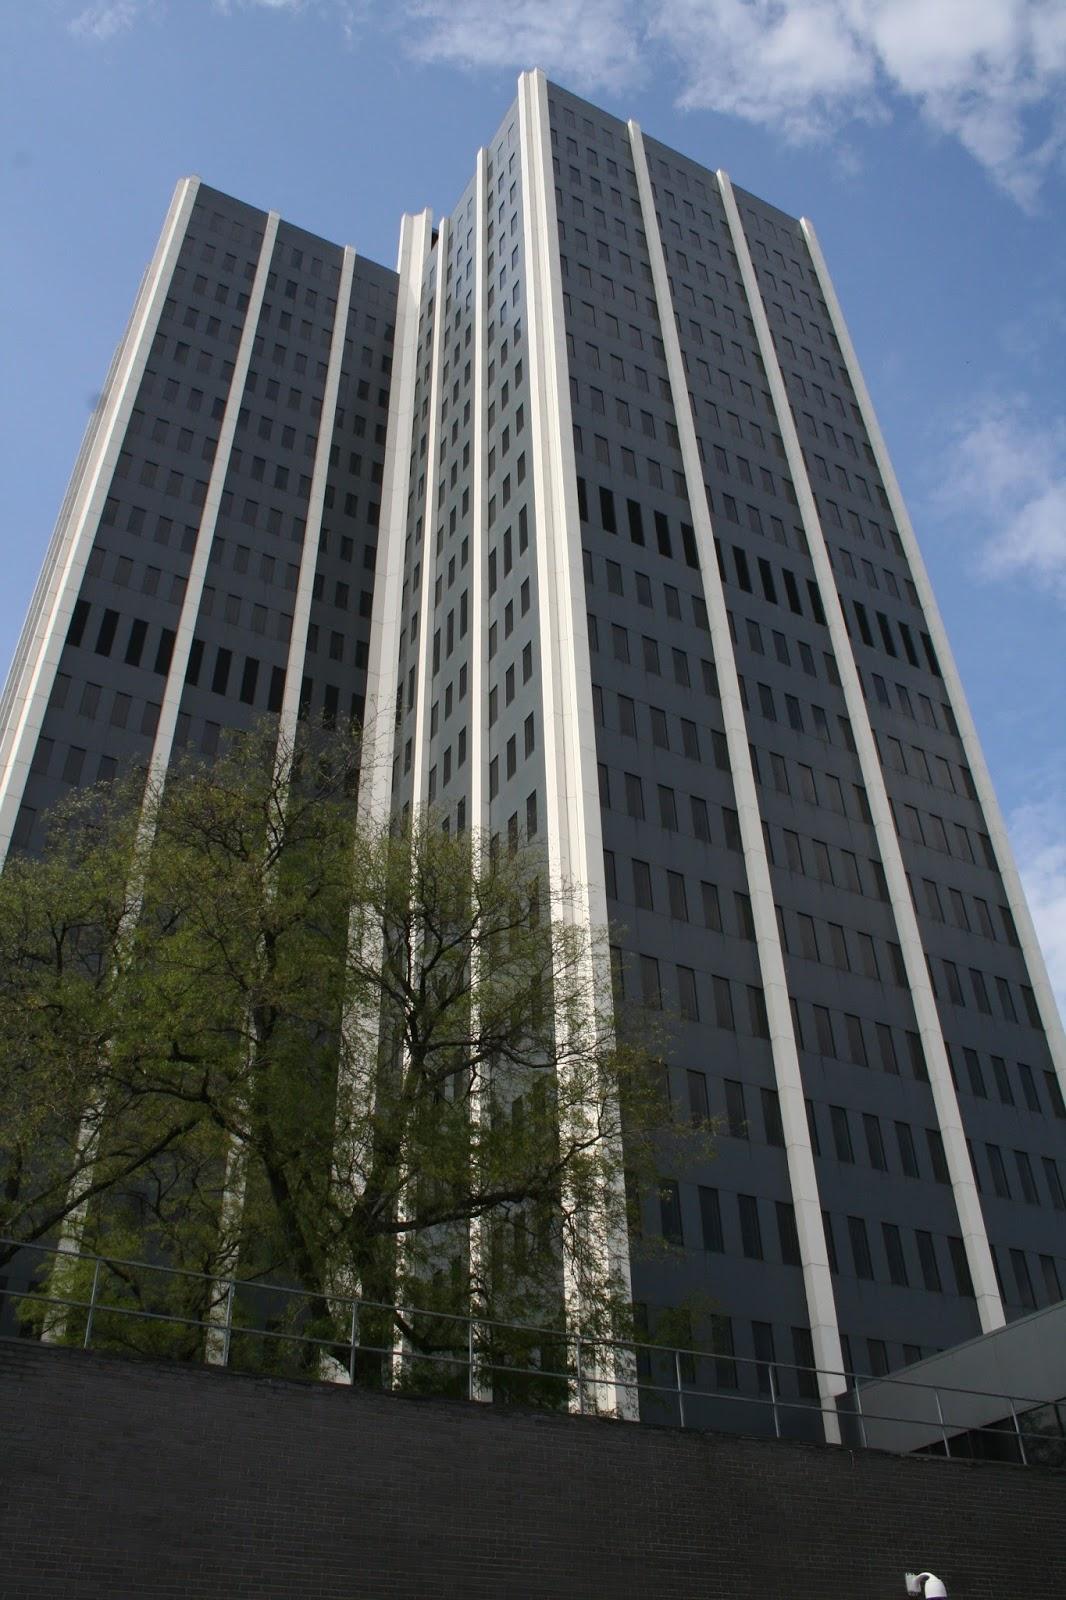 martin tower - photo #20